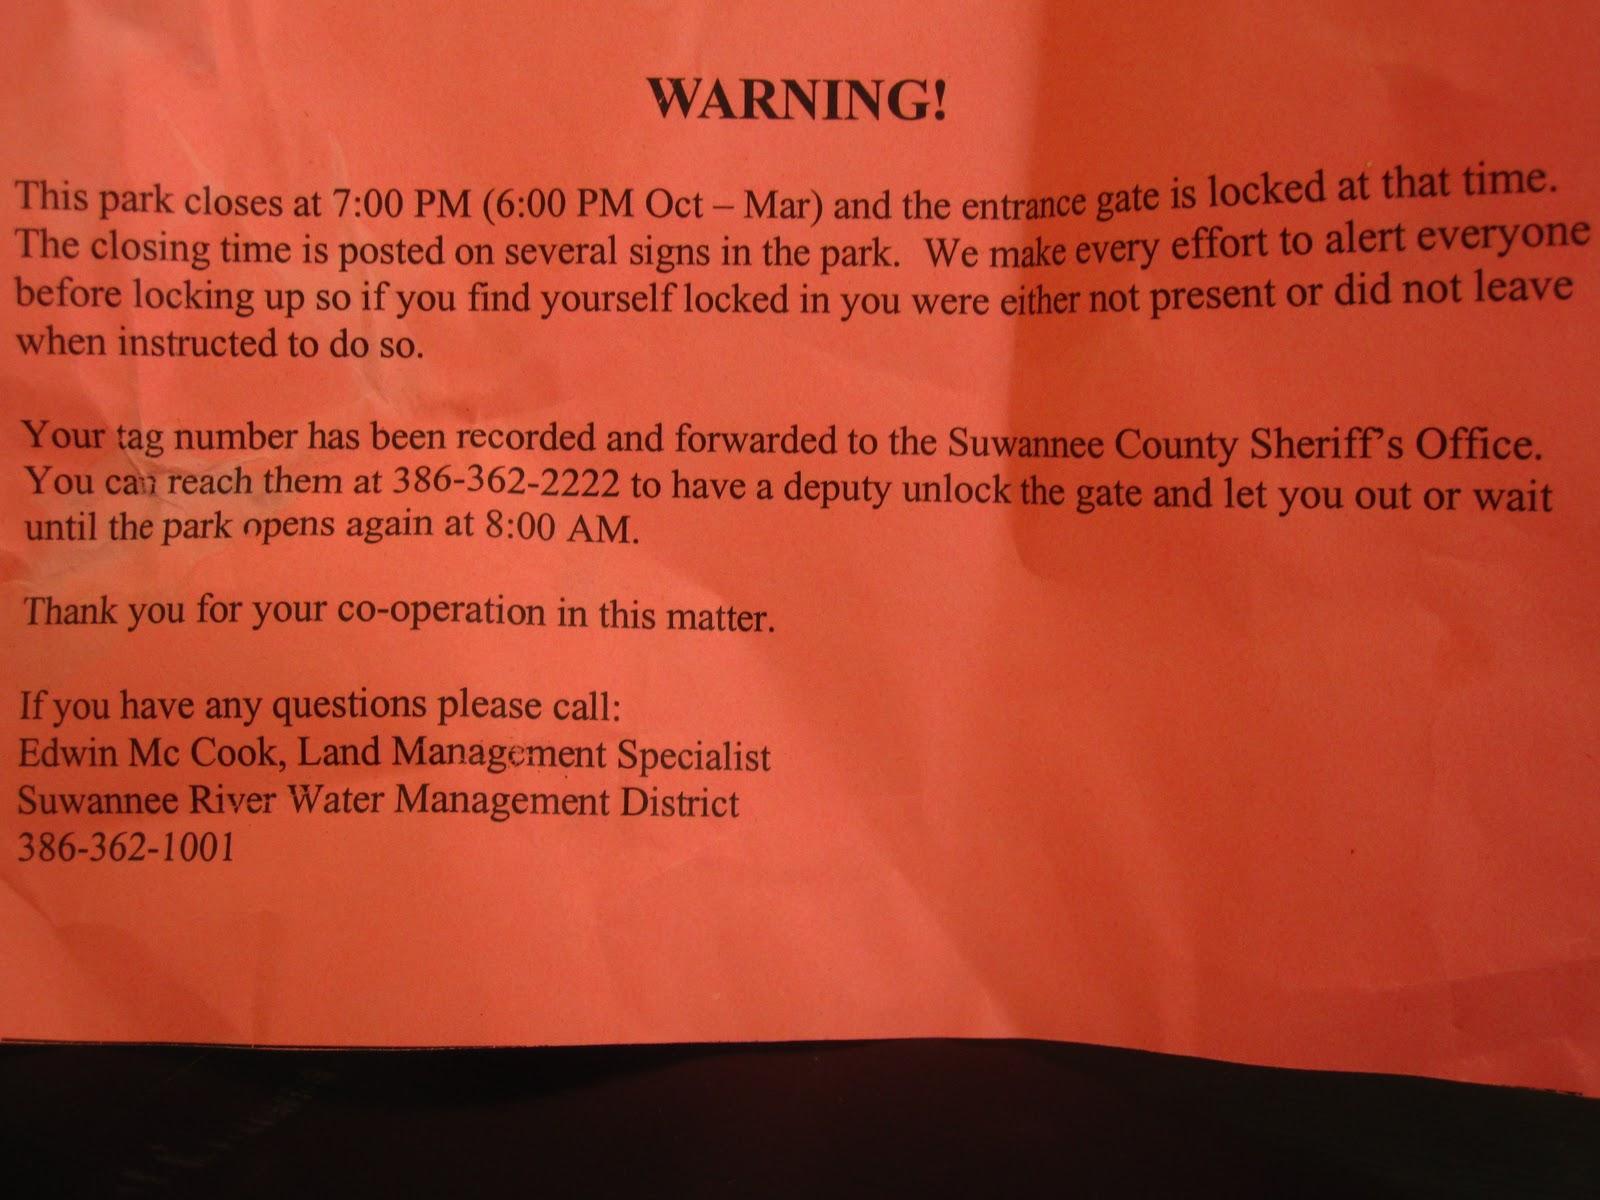 Suwannee Springs Park Locks Guests Inside